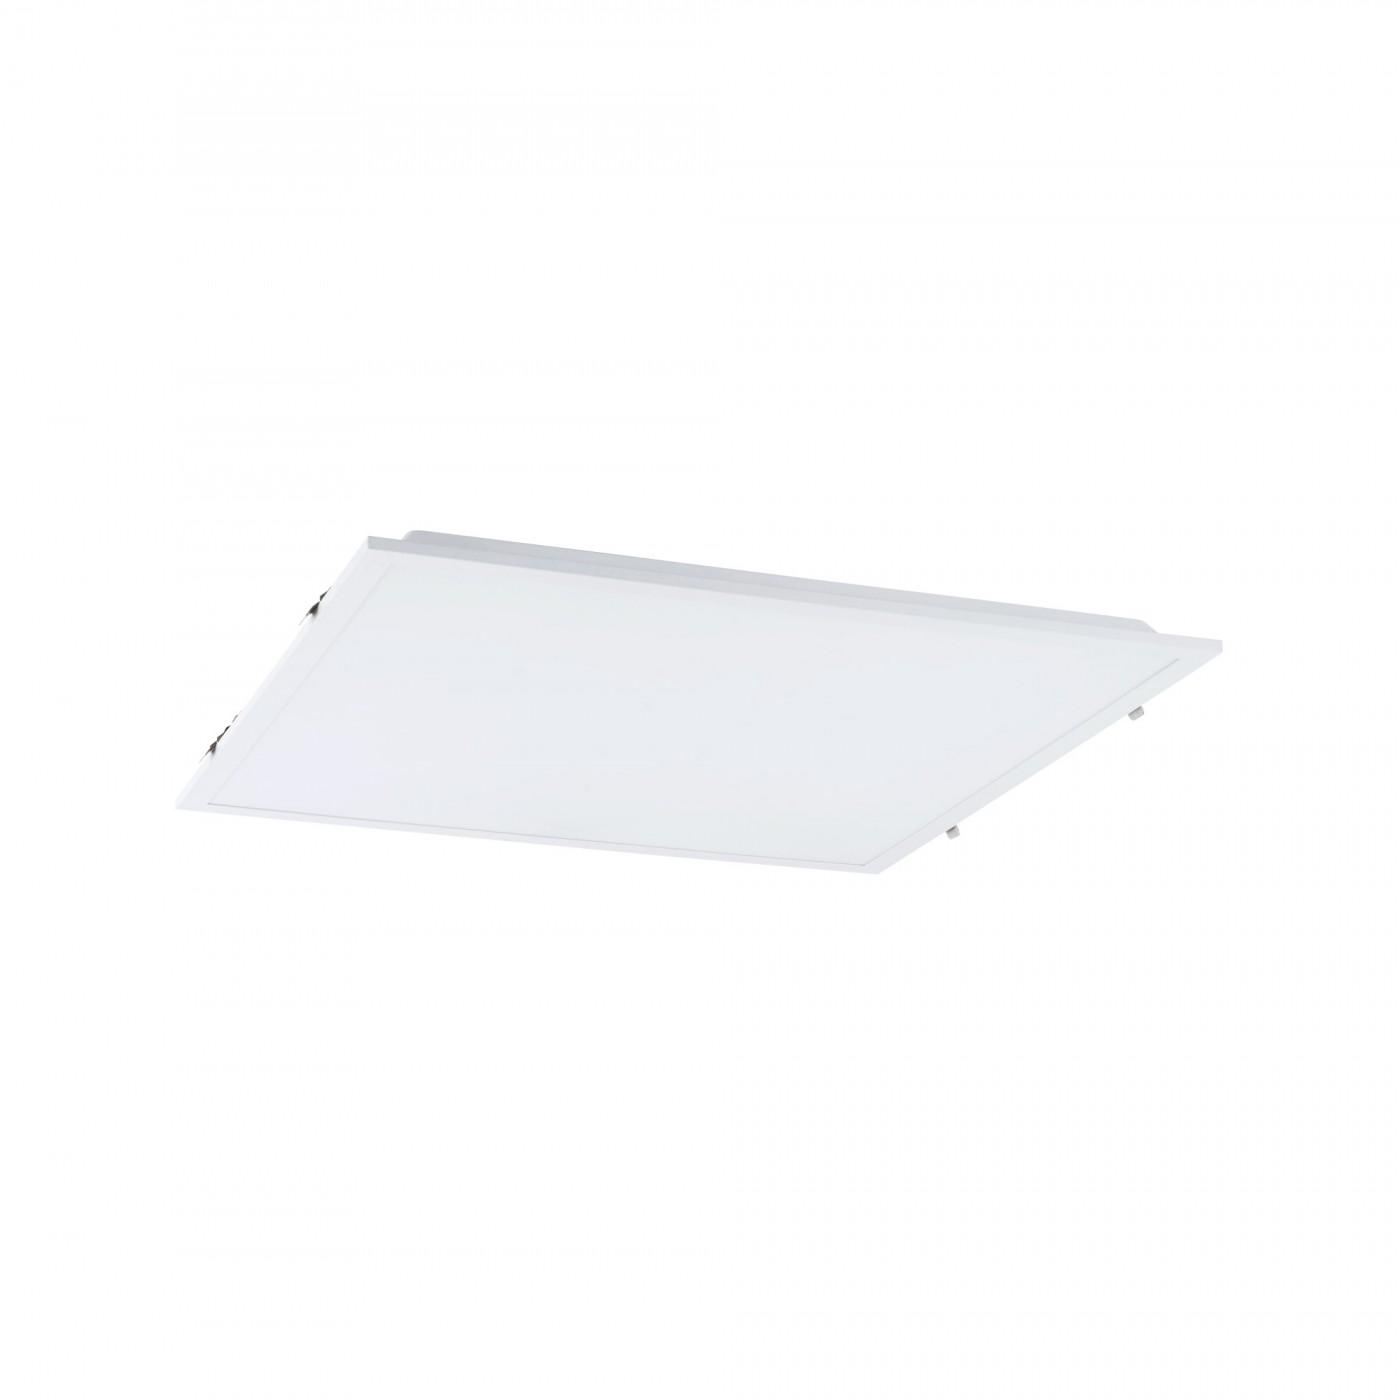 CL ITAKA LED 40W 3000K 8460 Nowodvorski Lighting